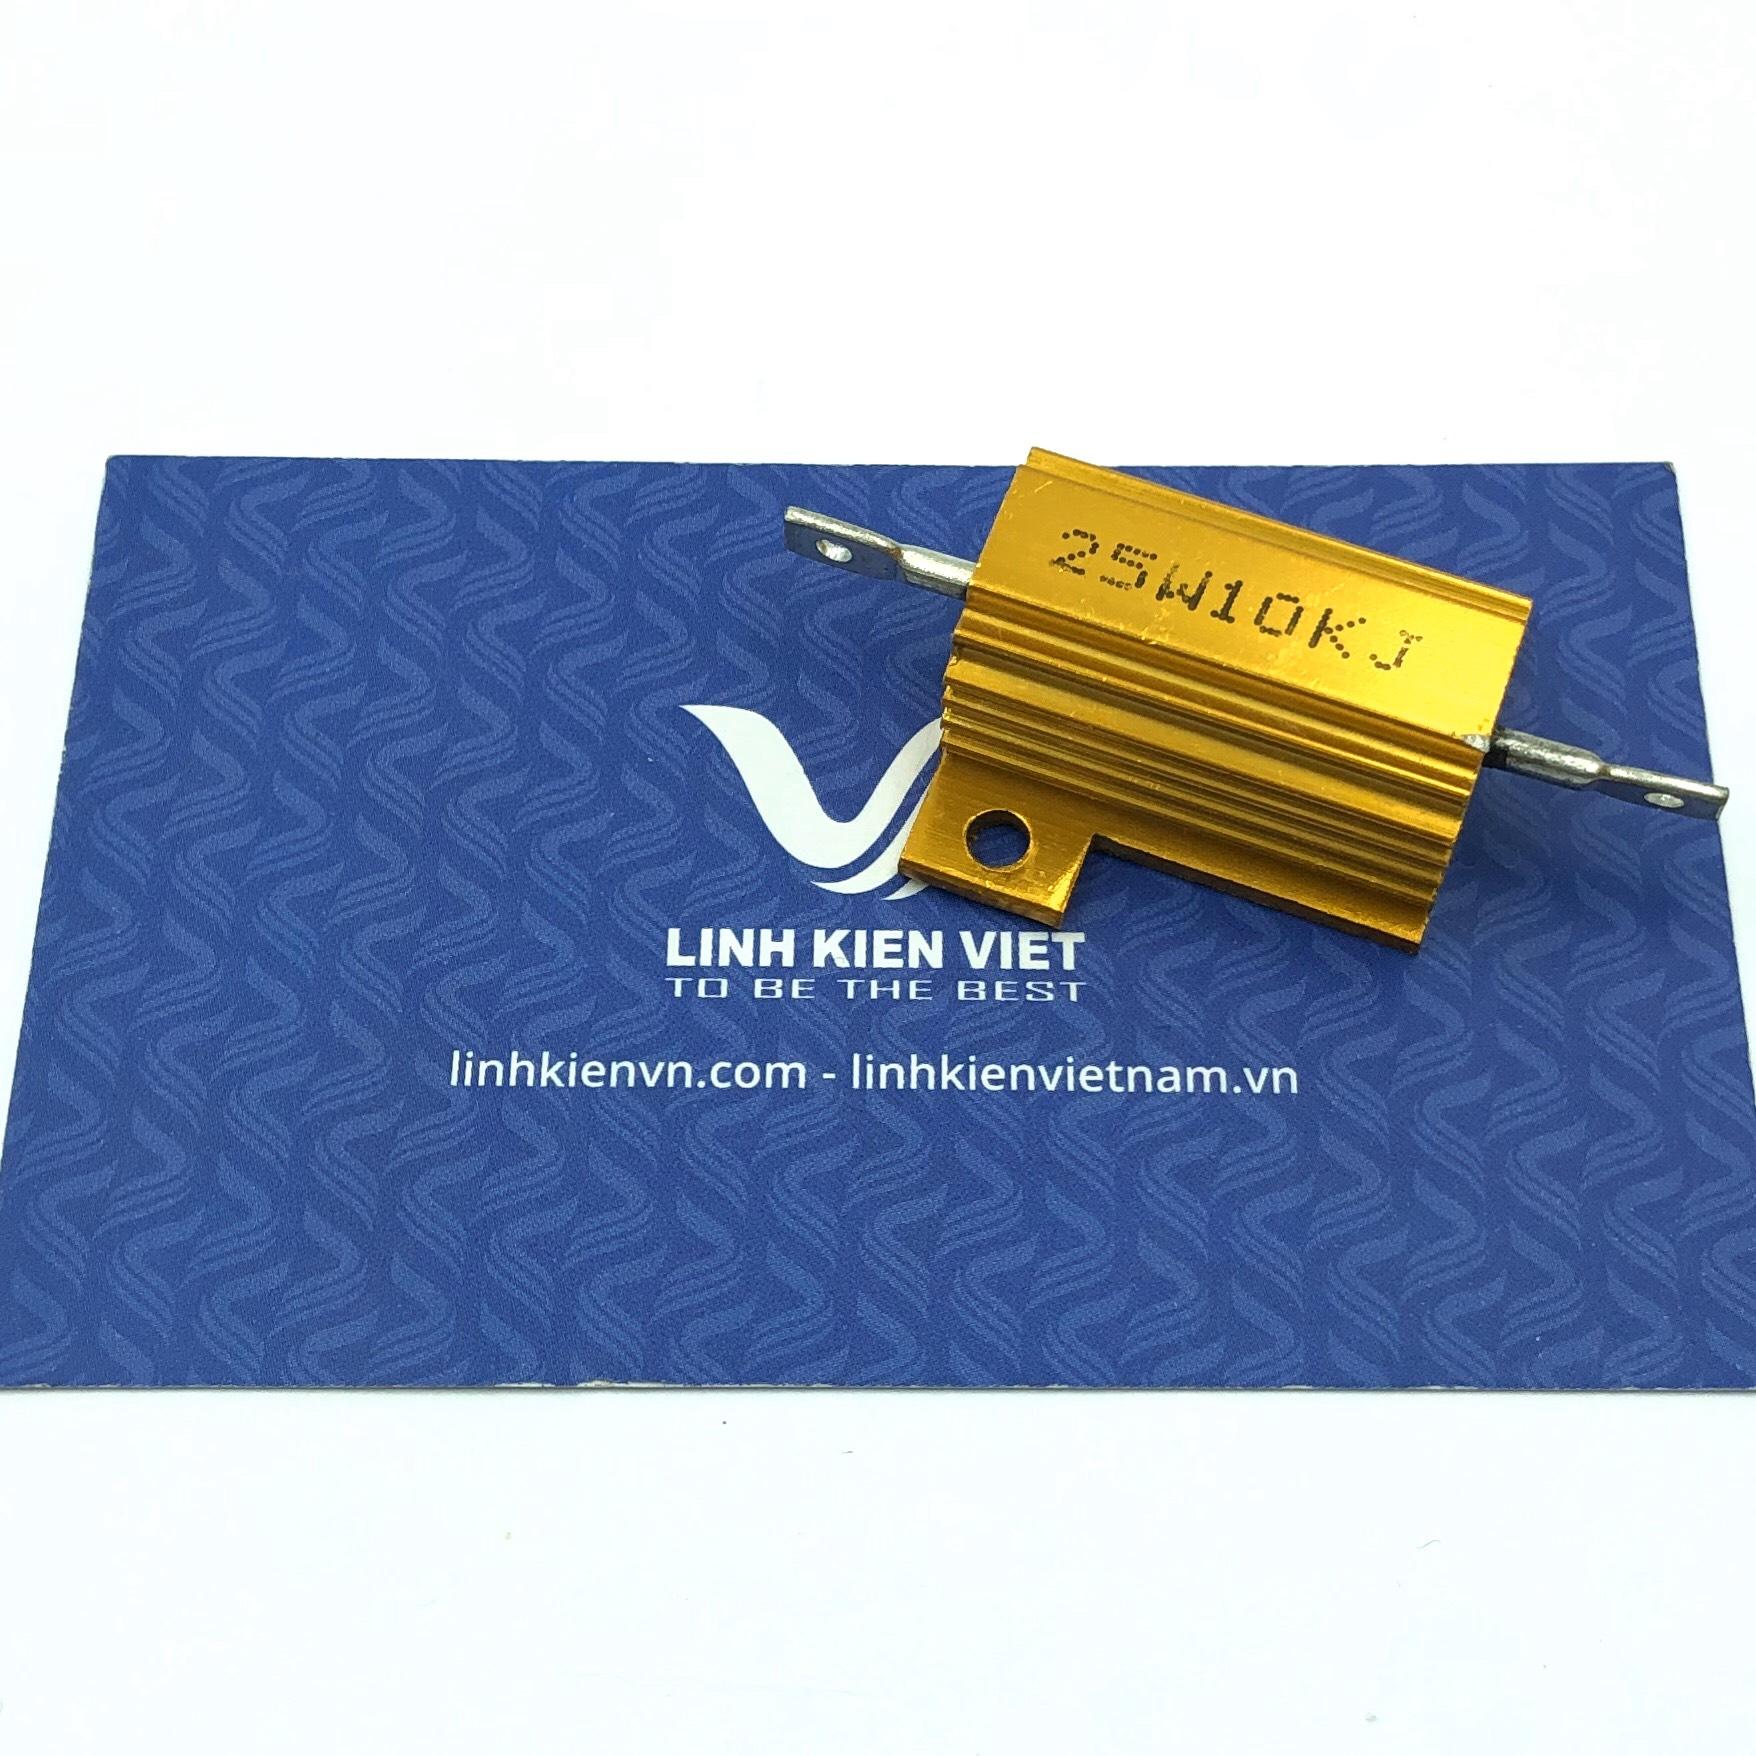 Điện trở nhôm RX24 10K 25W - S5H22